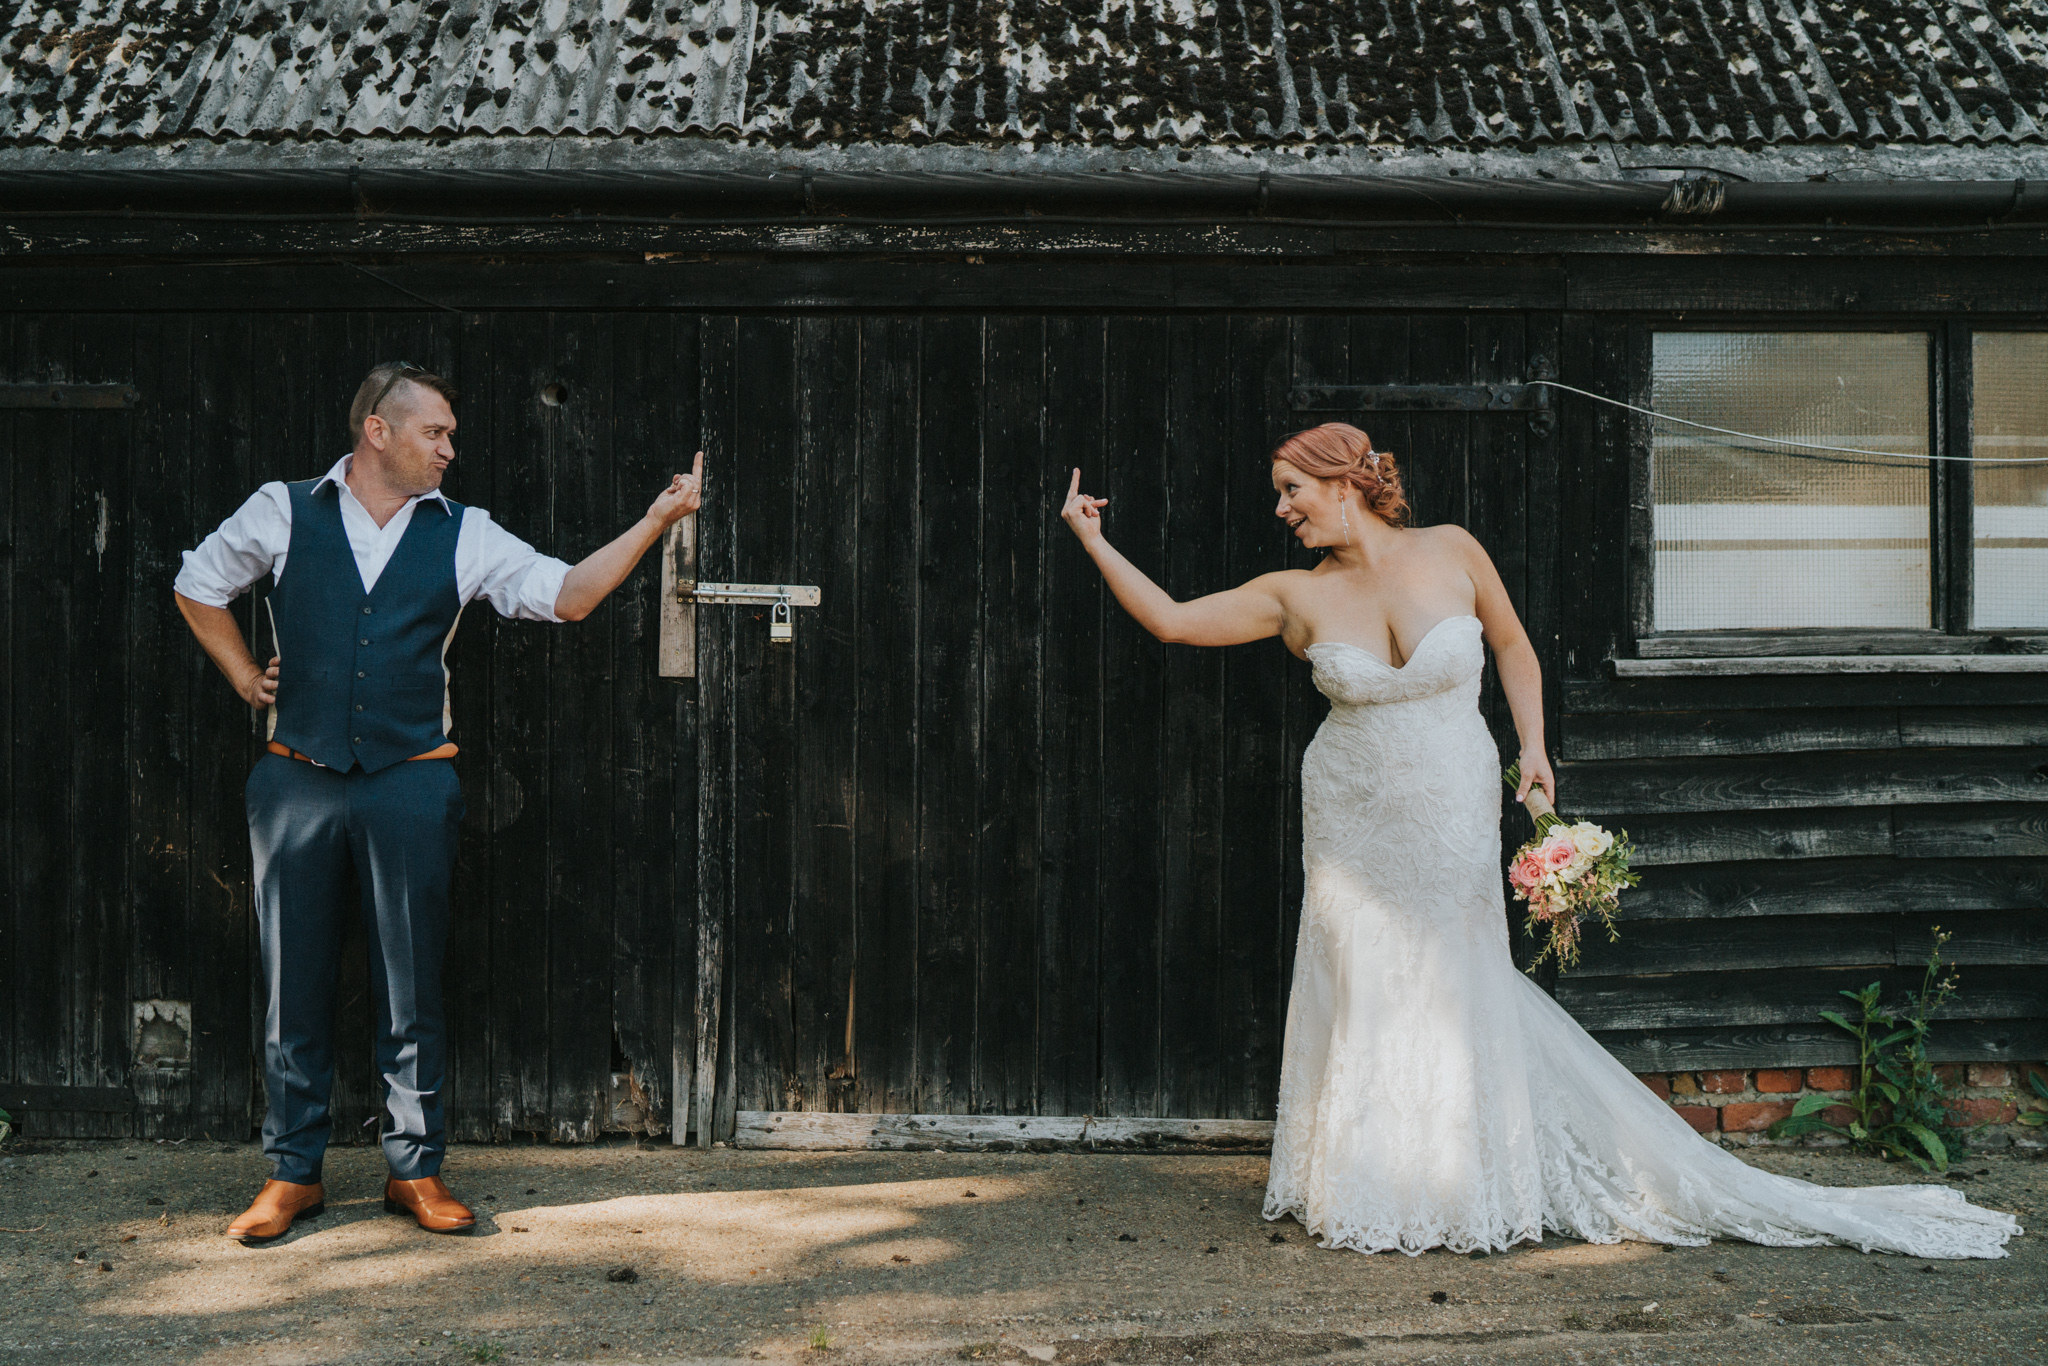 steph-neil-red-brick-barn-rochford-wedding-grace-elizabeth-colchester-essex-alternative-wedding-photographer-essex-suffolk-norfolk-devon (34 of 43).jpg